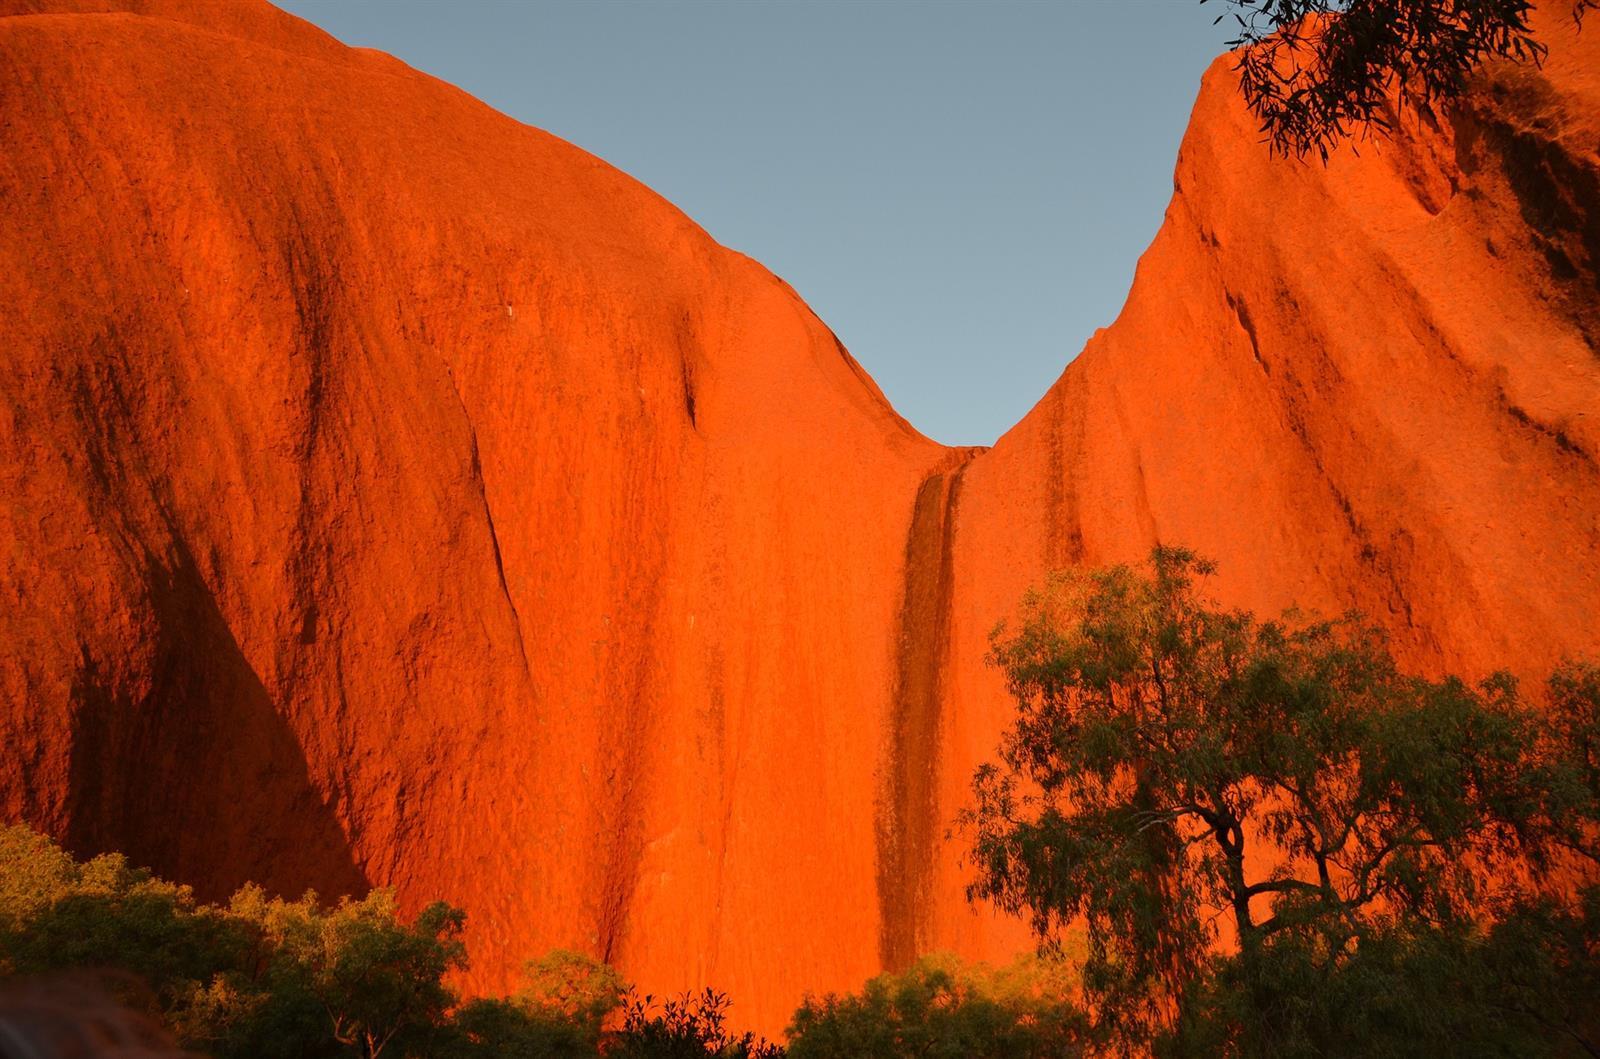 אתר הסלע האדום